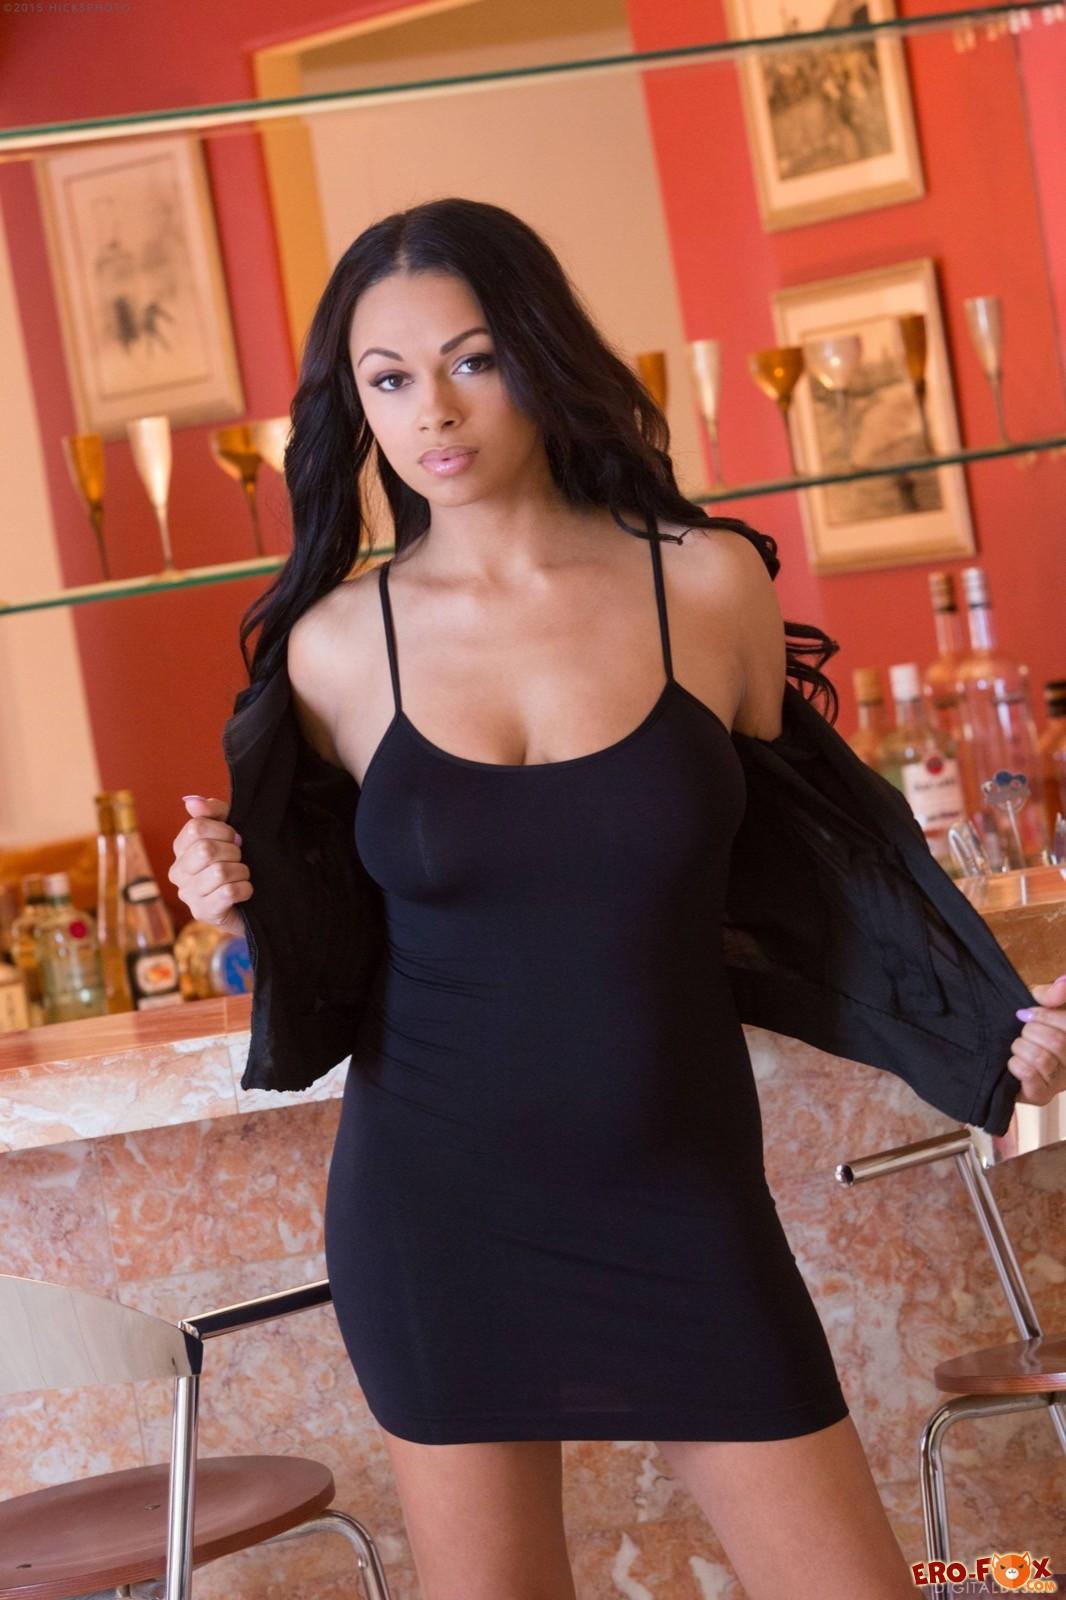 Грудастая мулатка с бритой киской сняла платье